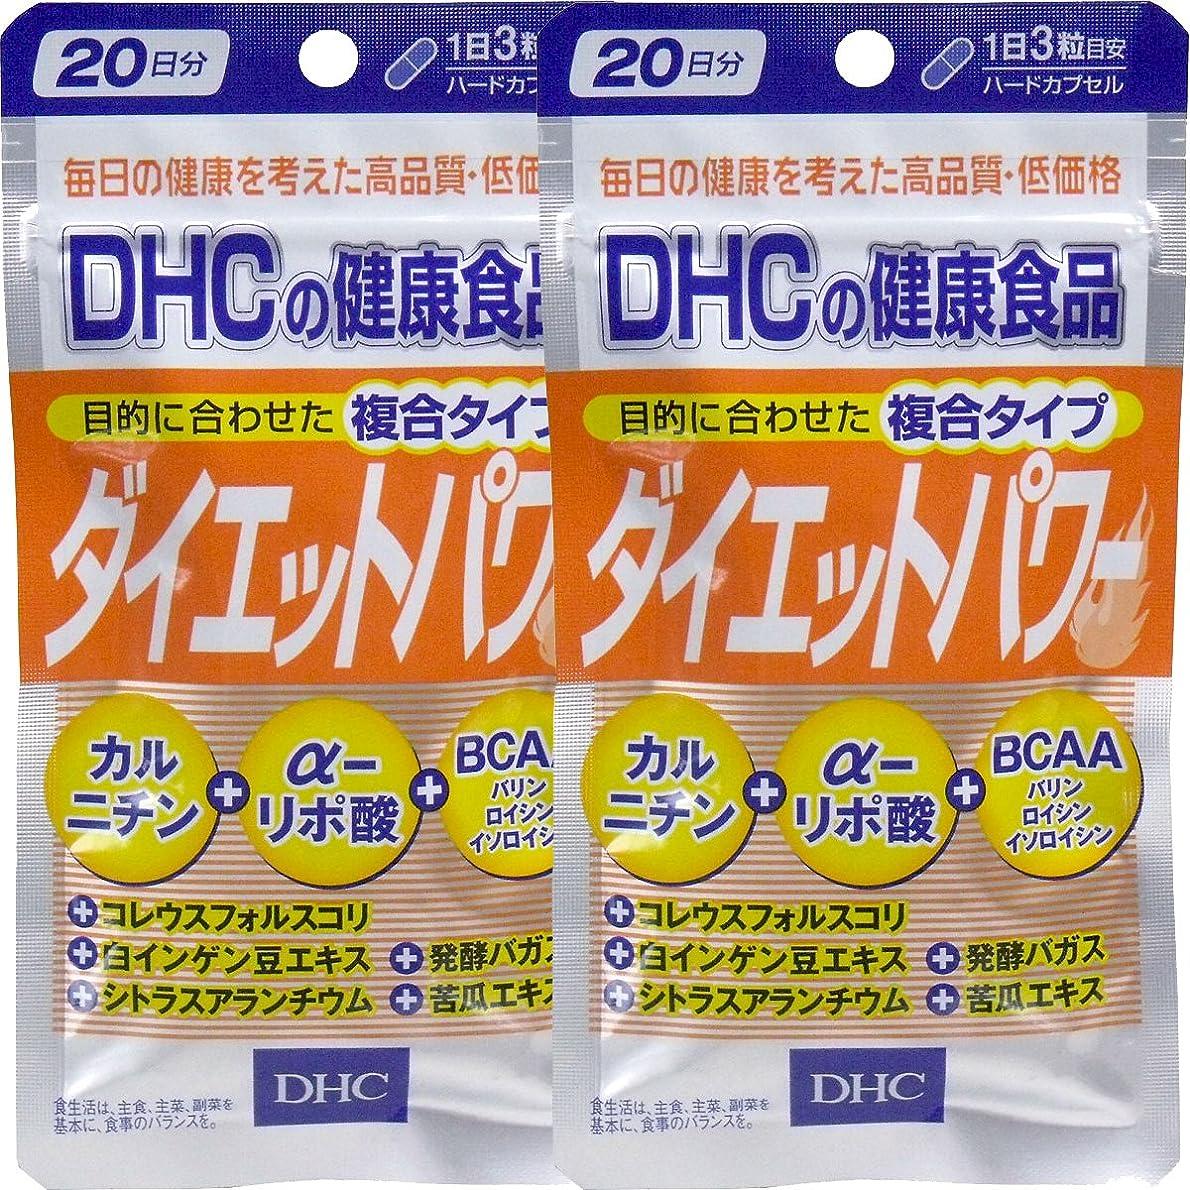 資本主義赤ちゃんバリーDHC ダイエットパワー 20日分 60粒 ×2個セット